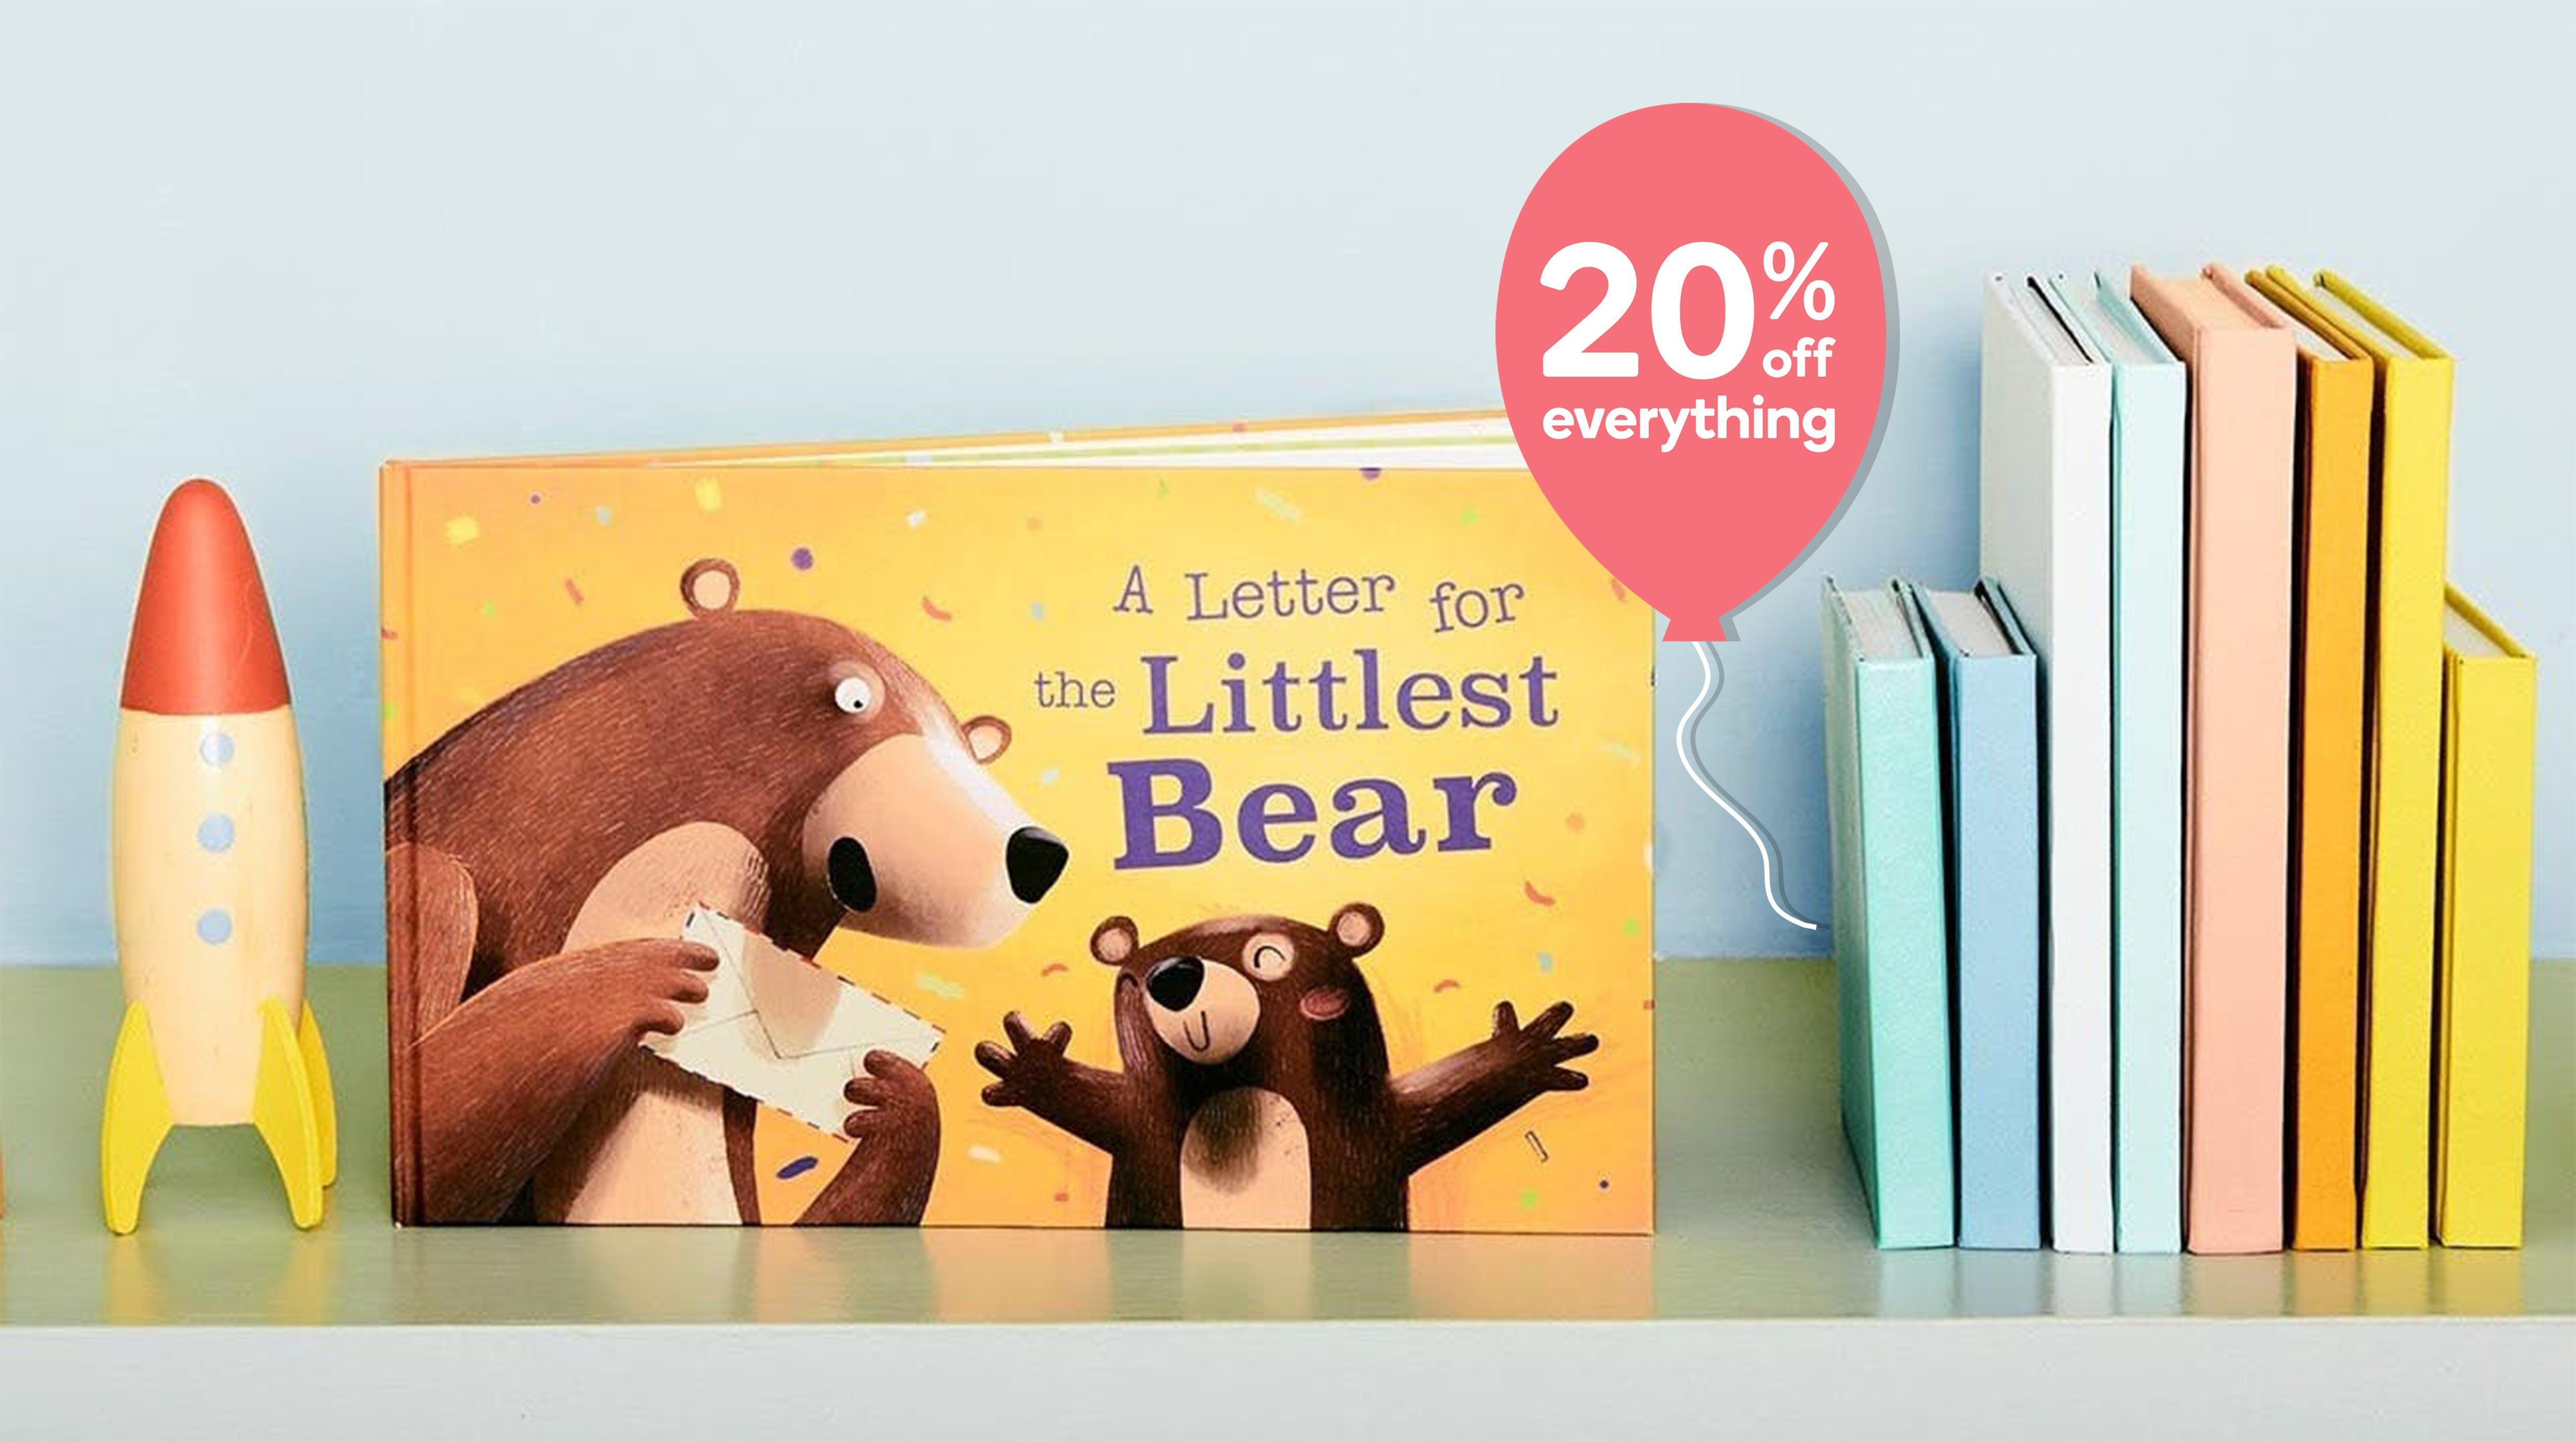 The Littlest Bear